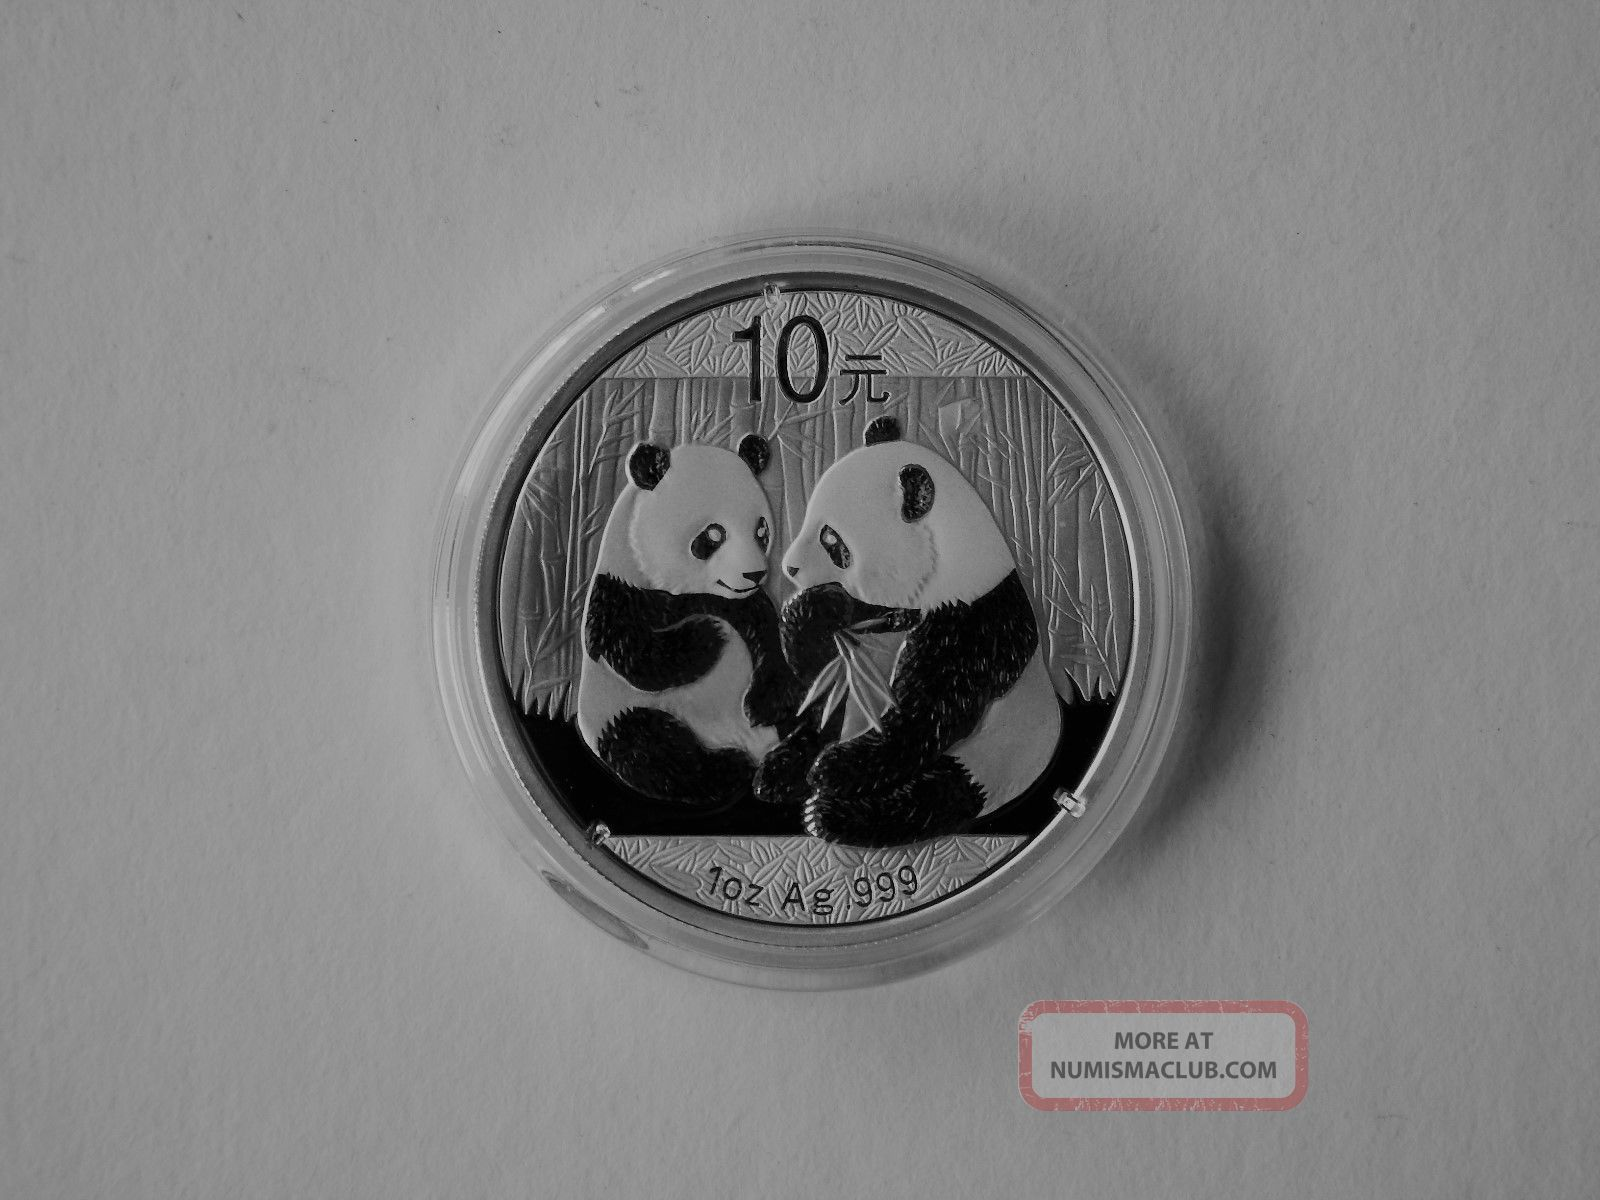 2009 China Panda 10 Yuan 1 Oz.  999 Silver Coin Bu In Capsule China photo